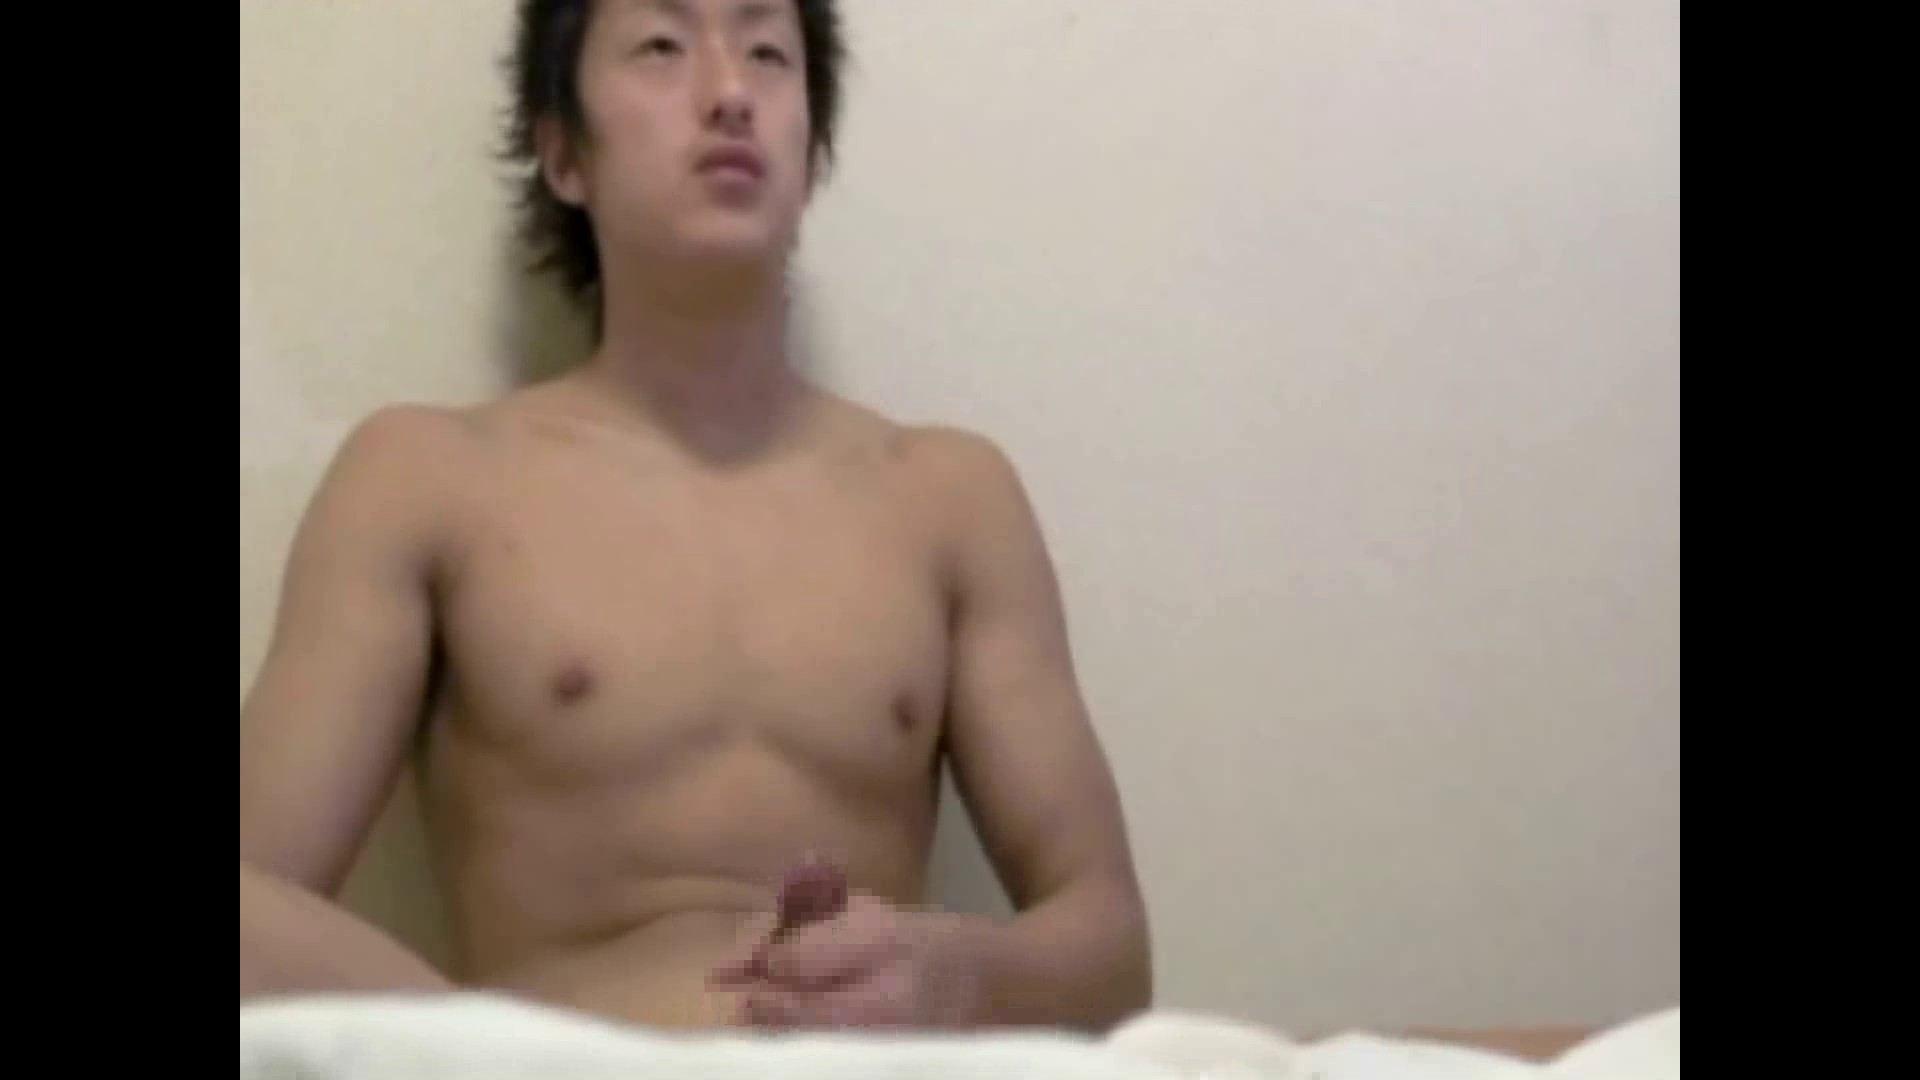 イカせ屋 Vol.03 風呂天国 ゲイAV画像 115枚 89